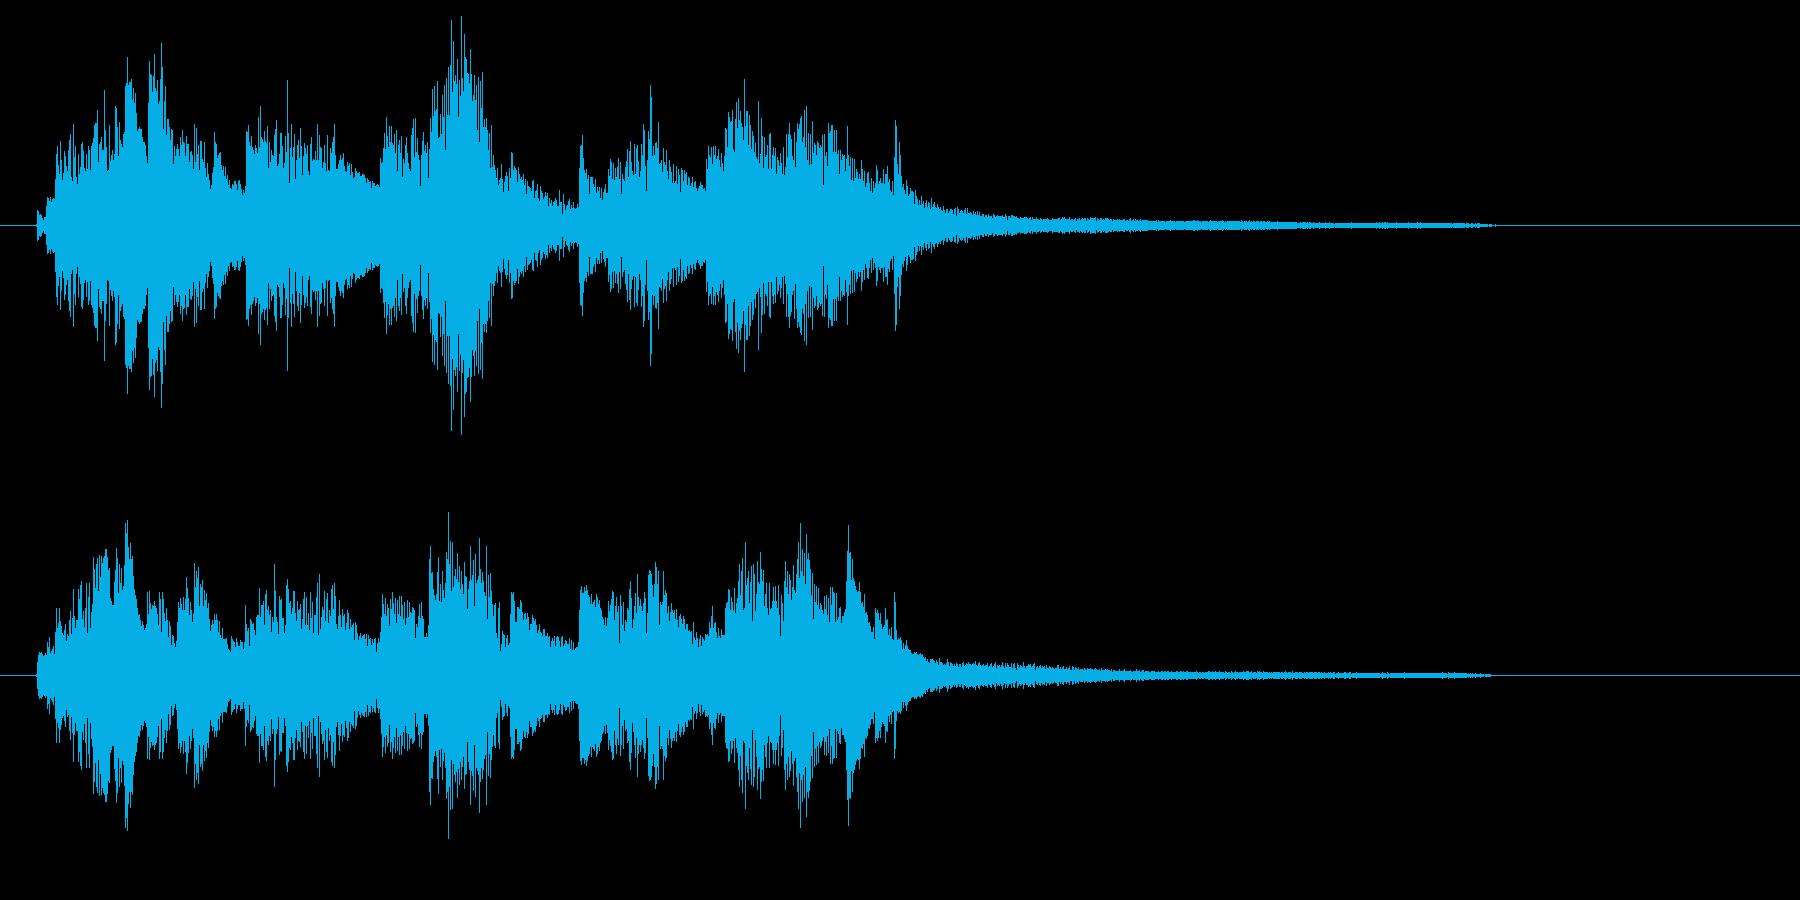 ジャジーなピアノ・ジングル・ロゴにの再生済みの波形